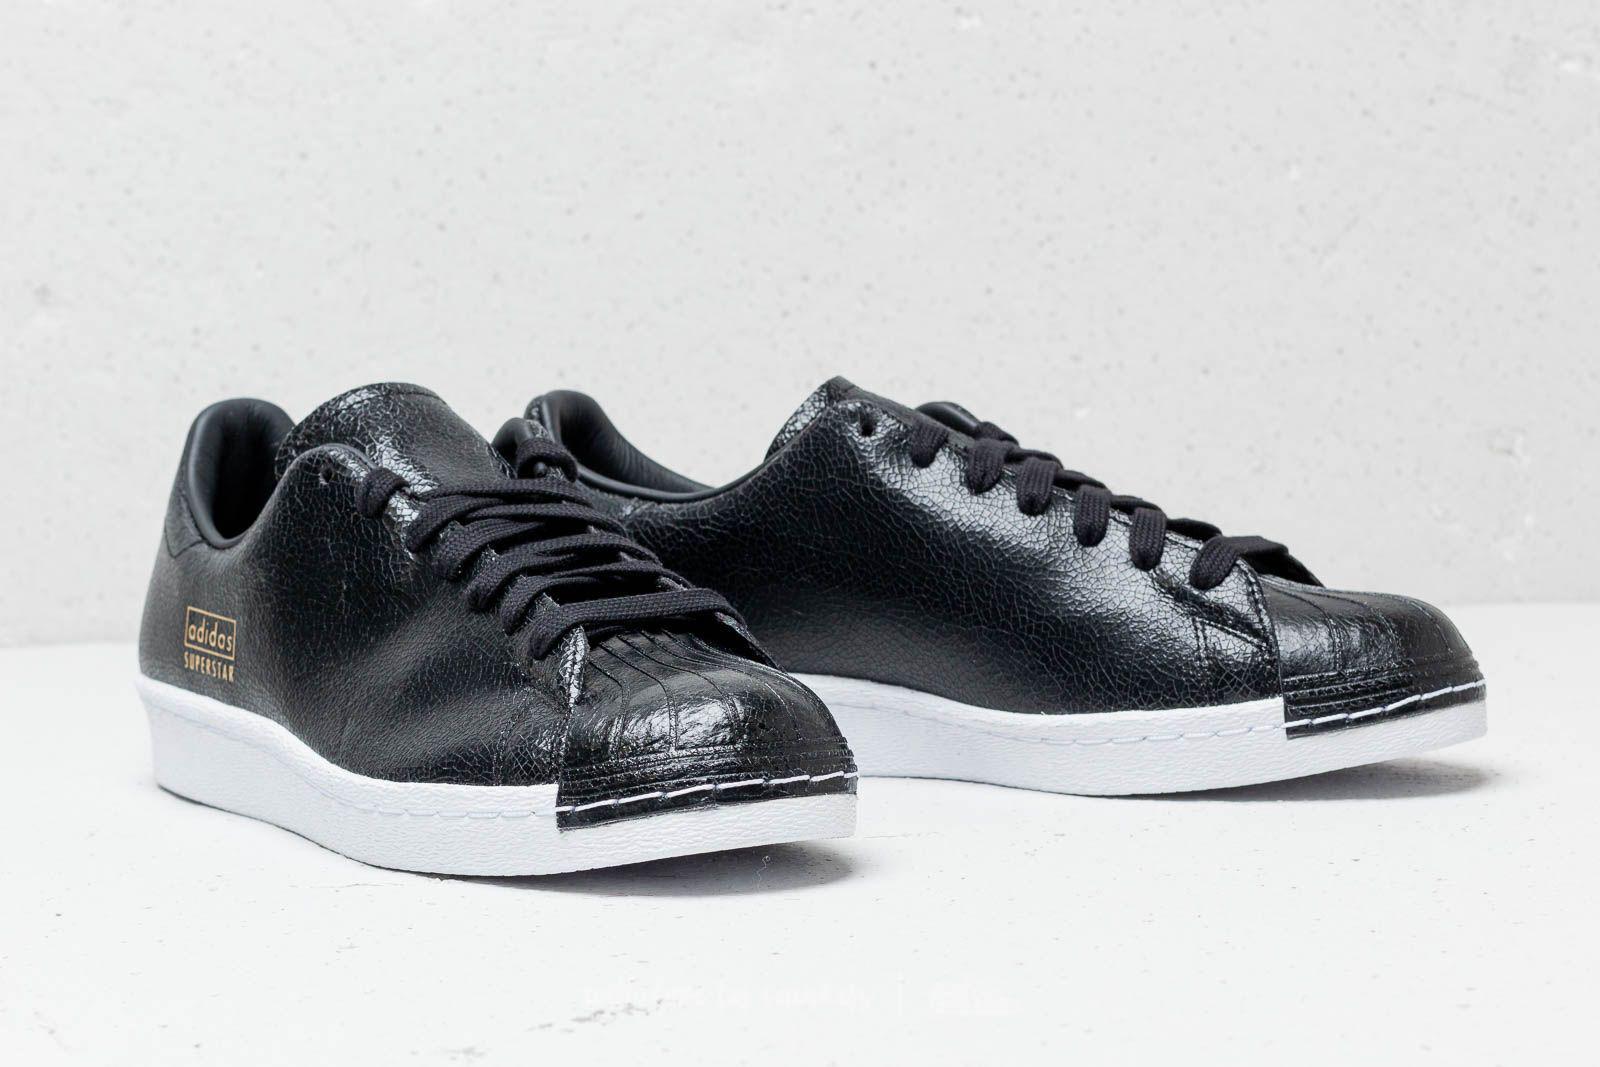 wholesale dealer 8807b 9bde9 Men's Adidas Superstar 80s Clean Core Black/ Core Black/ Ftw White